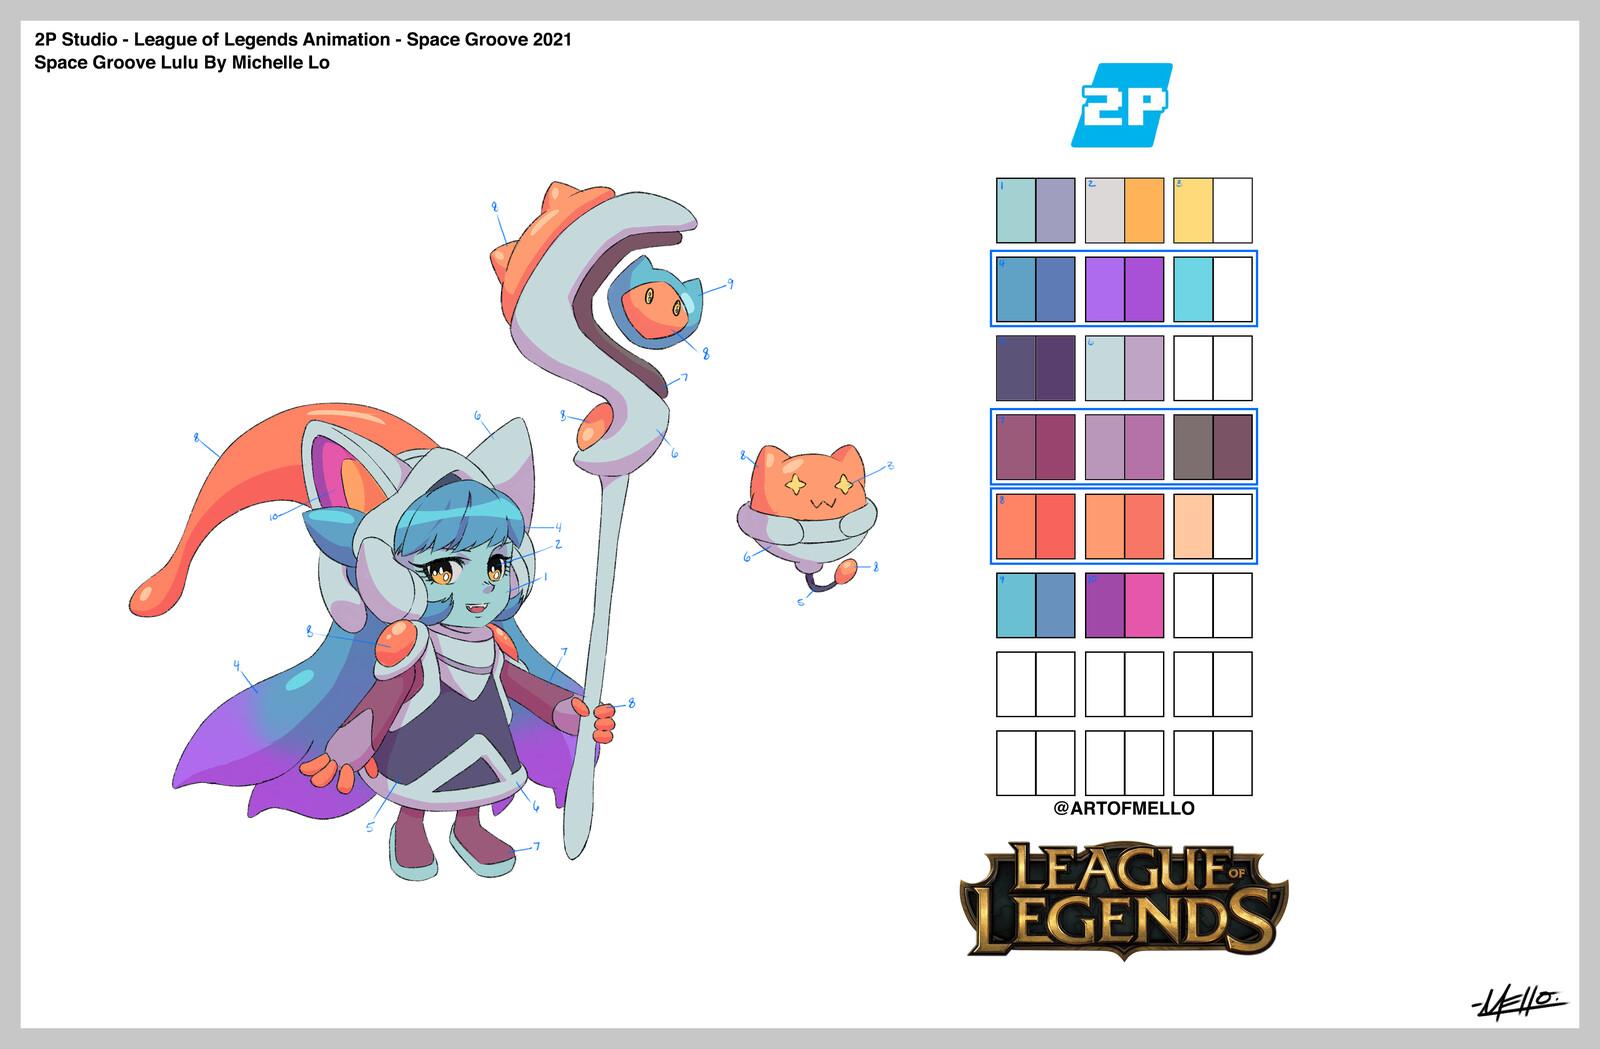 League of Legends - Space Groove Lulu